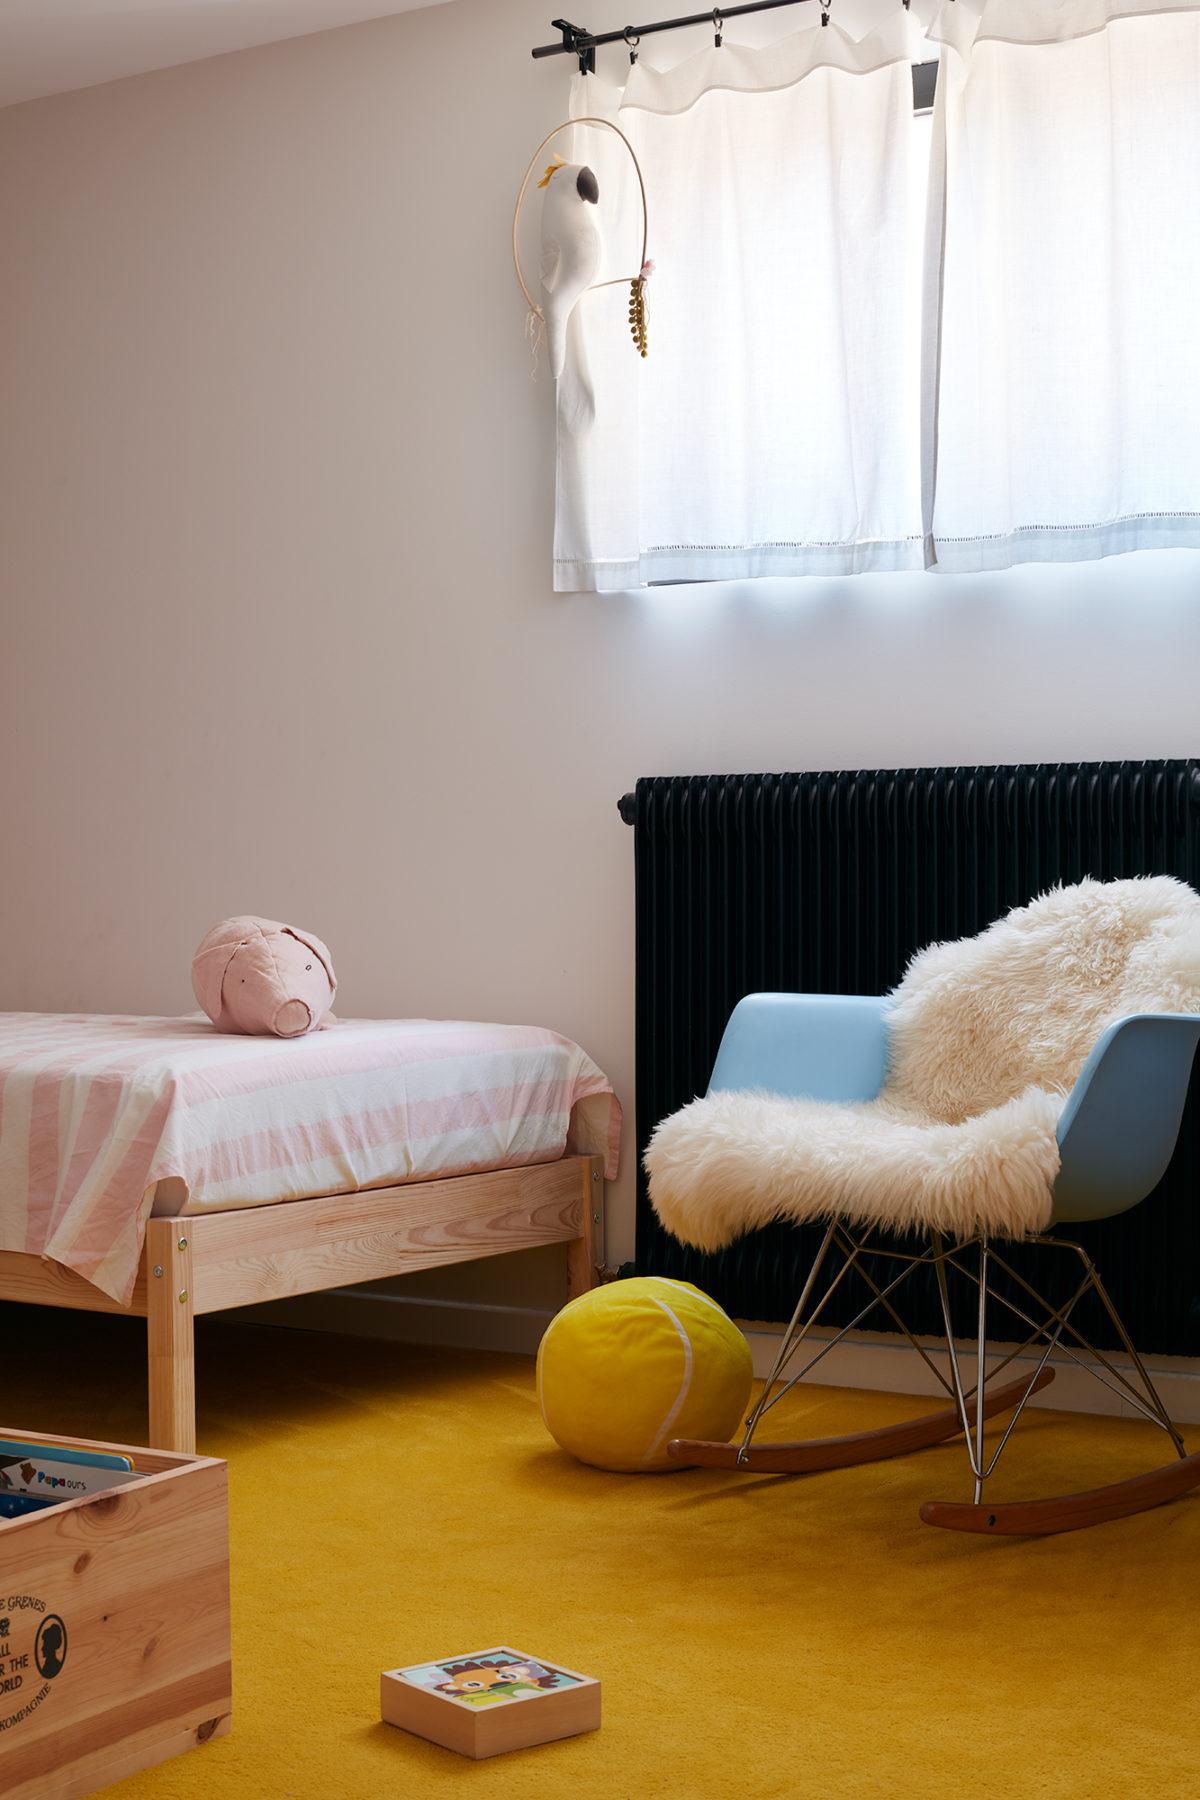 Chambre d'enfants avec moquette jaune